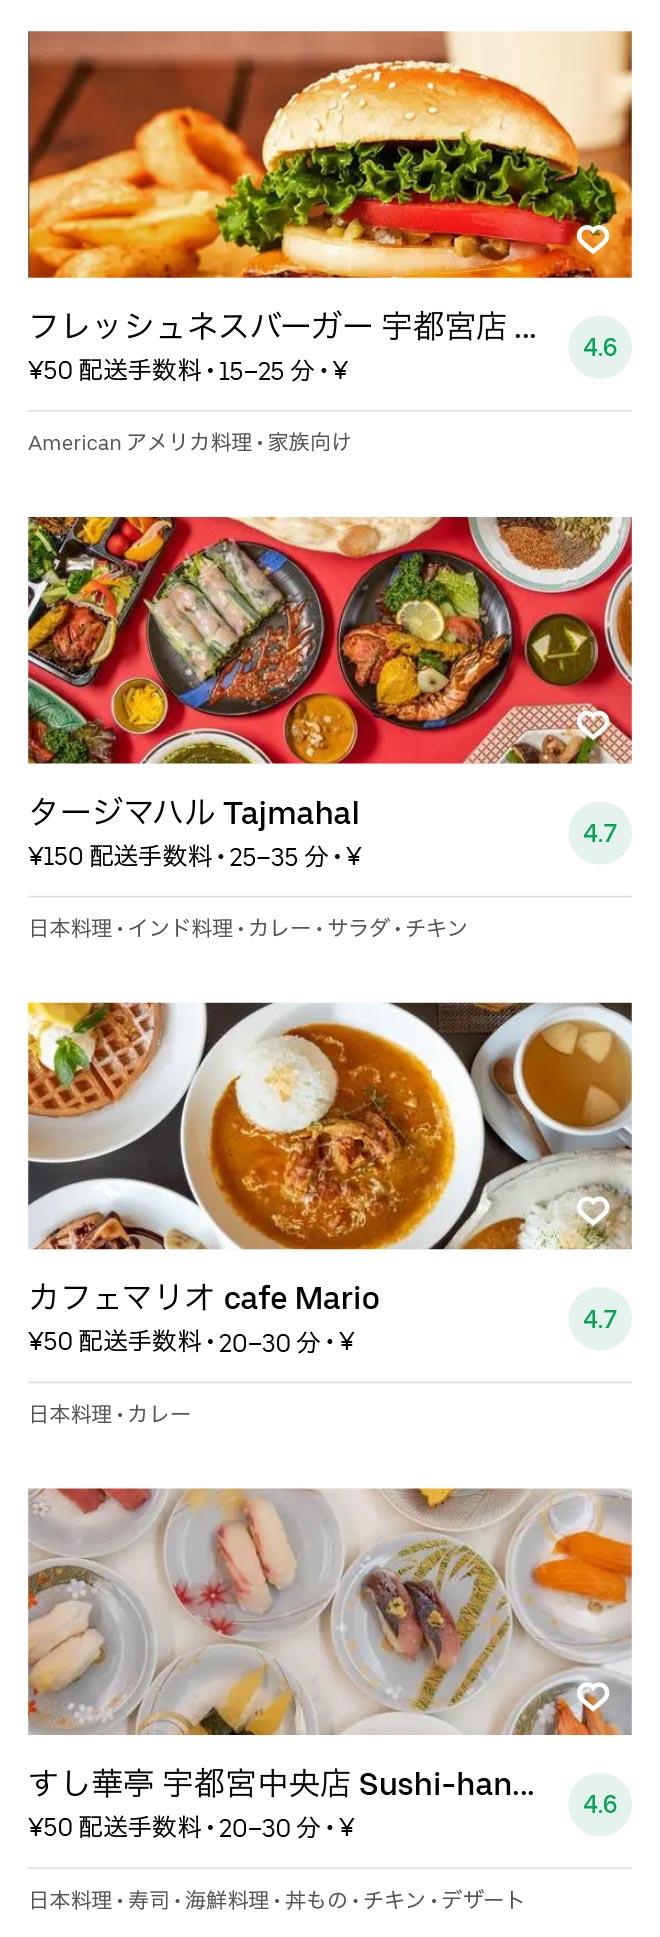 Tobu utsunomiya menu 2010 06